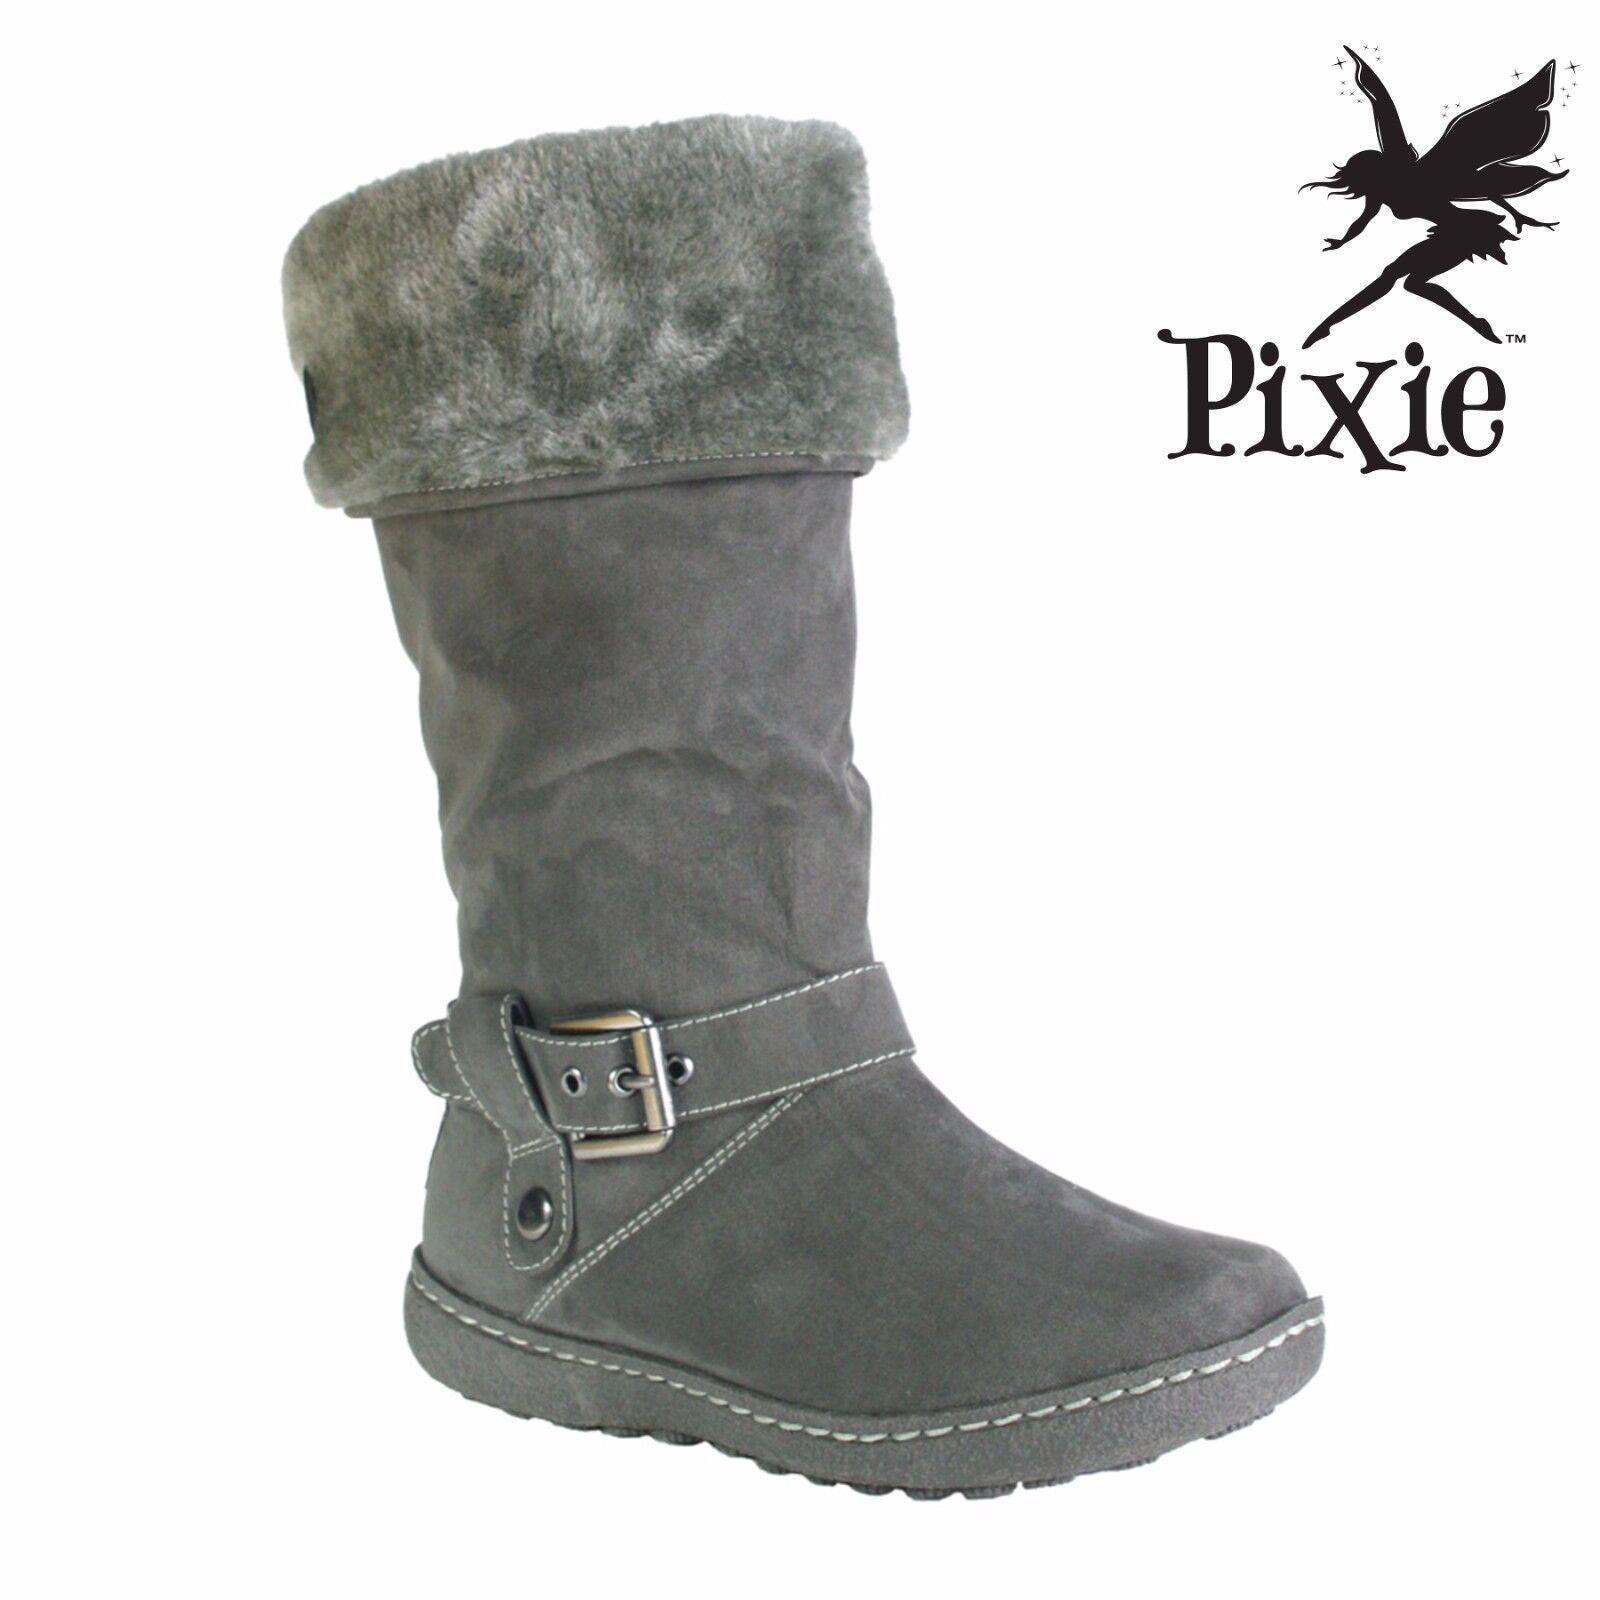 a prezzi accessibili Pixie calzature Lilly Stivali Da Donna Regno Unito TAGLIE 3 3 3 - 8 nella casella Nuovo di Zecca  da non perdere!